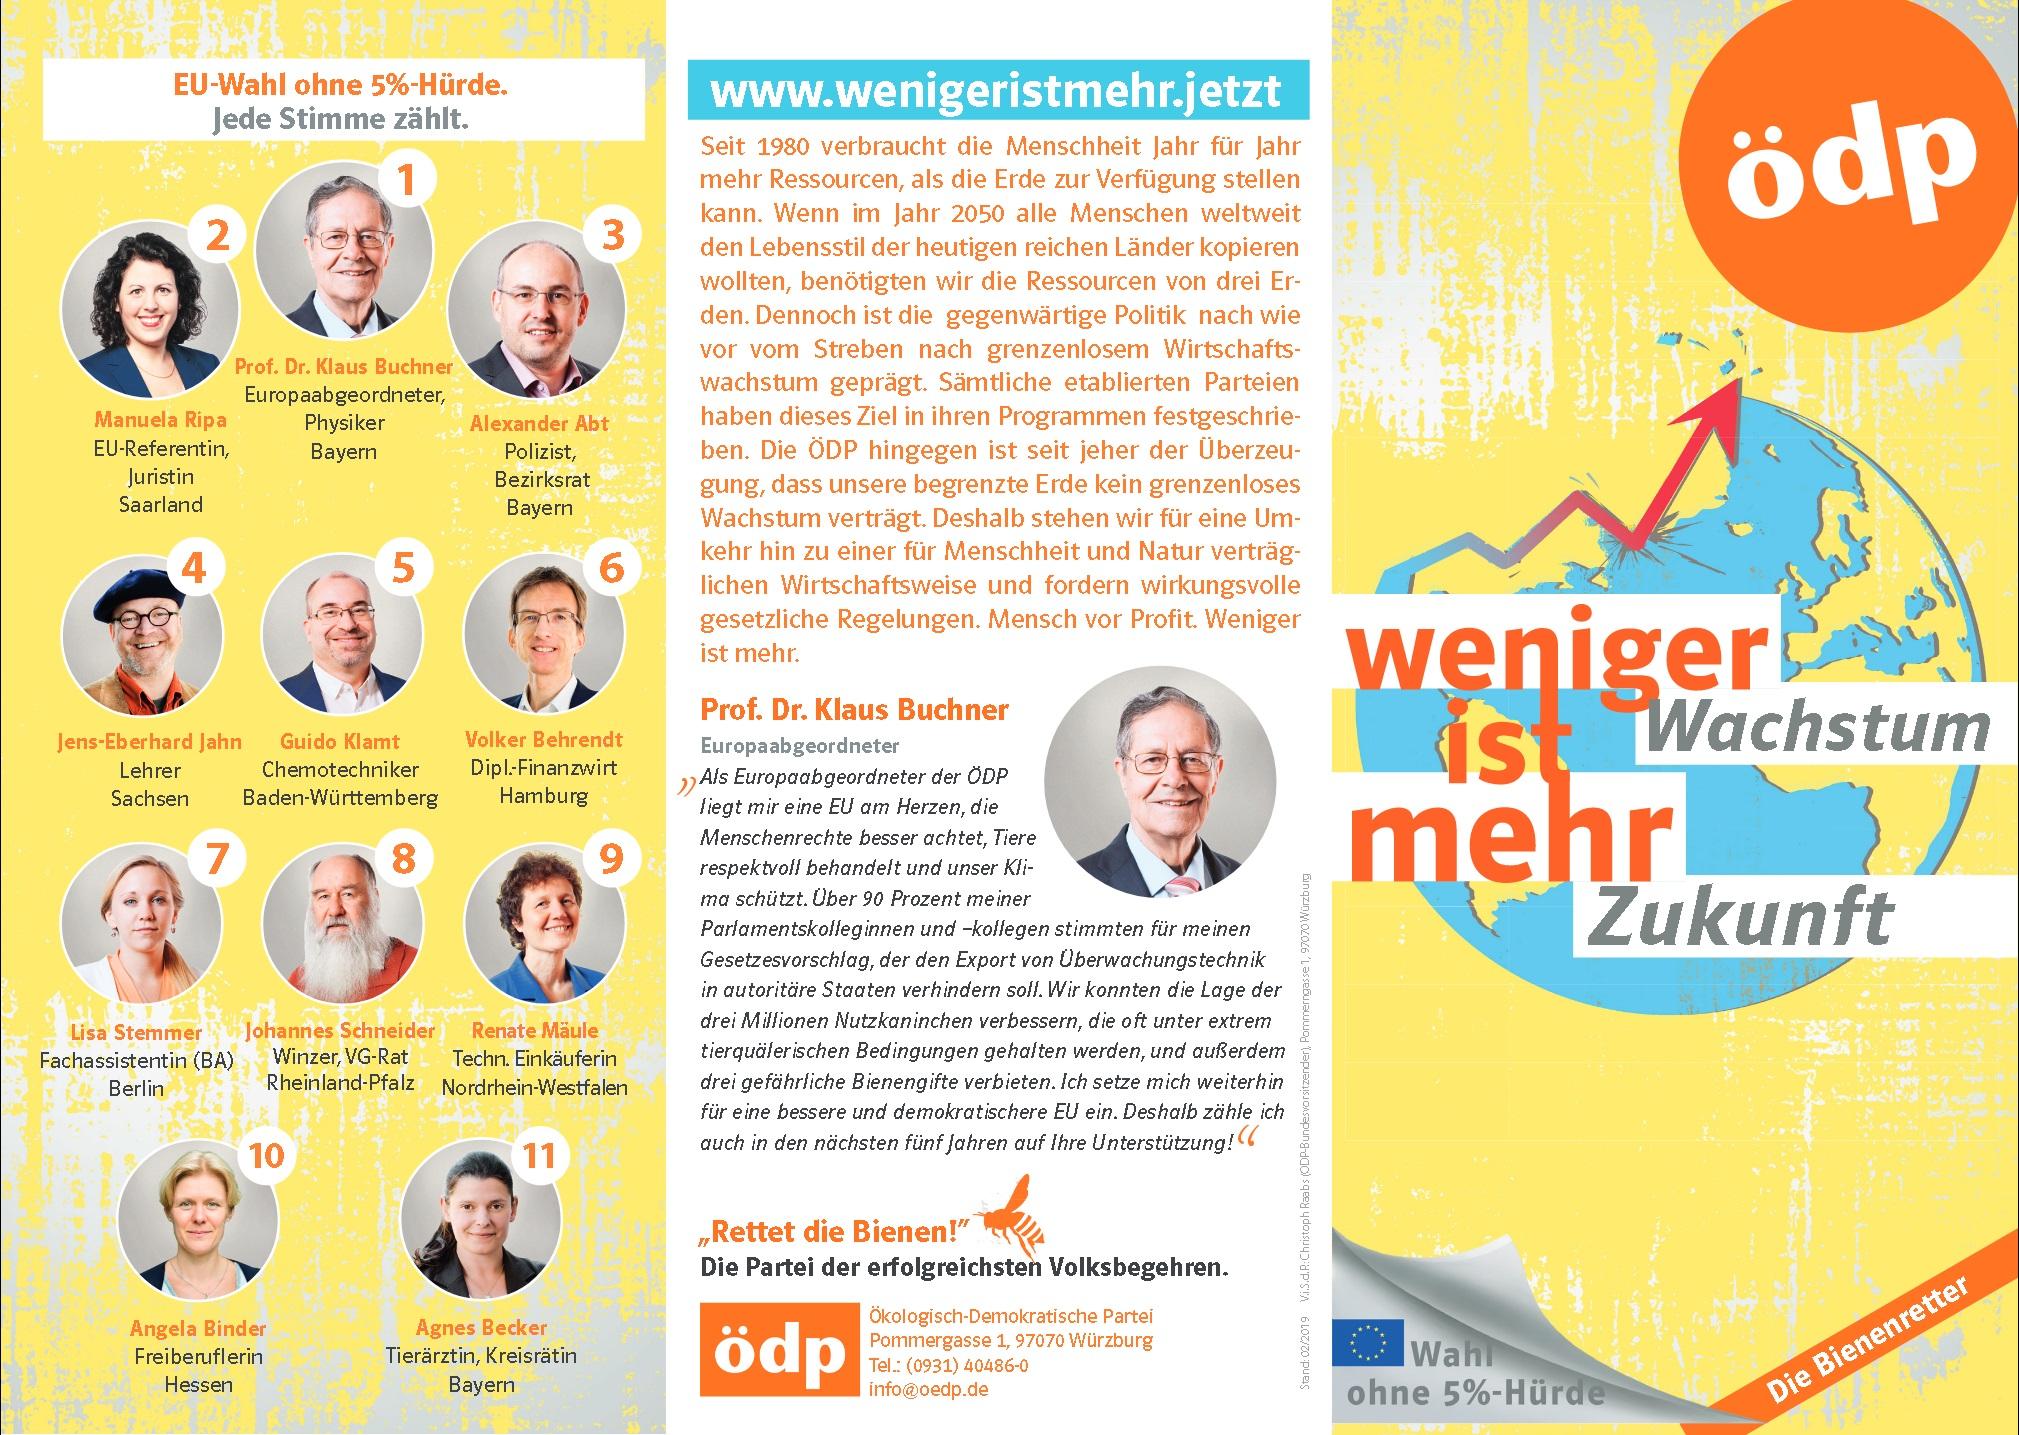 Flyer zur Europawahl 2019 - Spitzenkandidaten